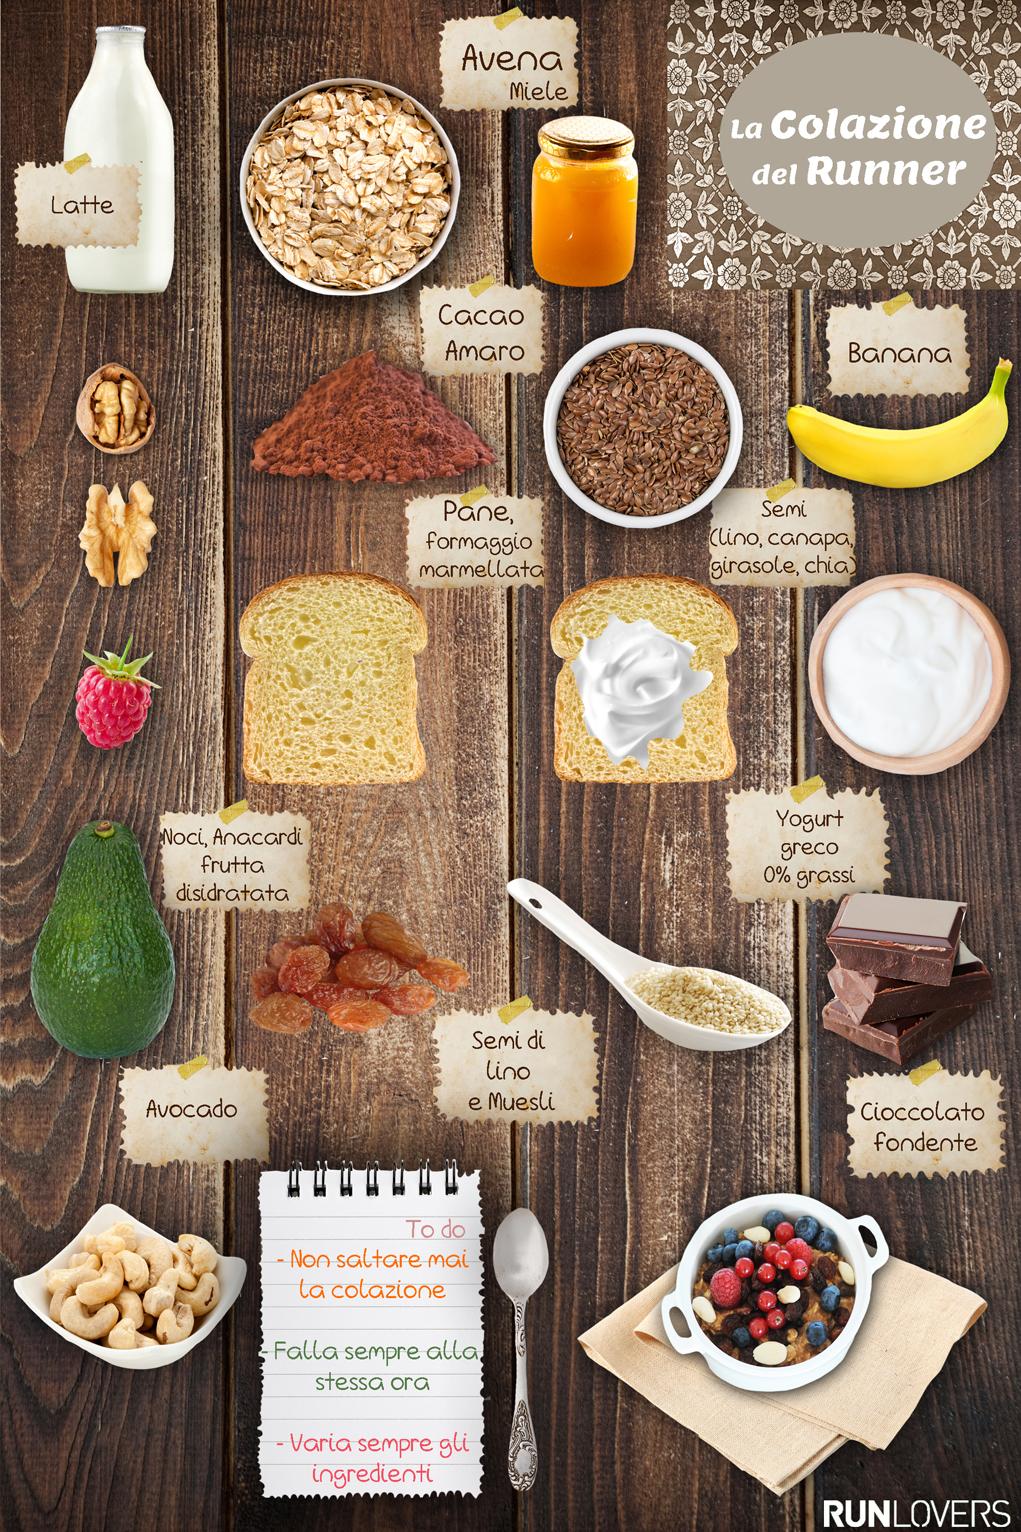 Amato Gli ingredienti per la colazione del Runner? Eccoli! | RunLovers FI96